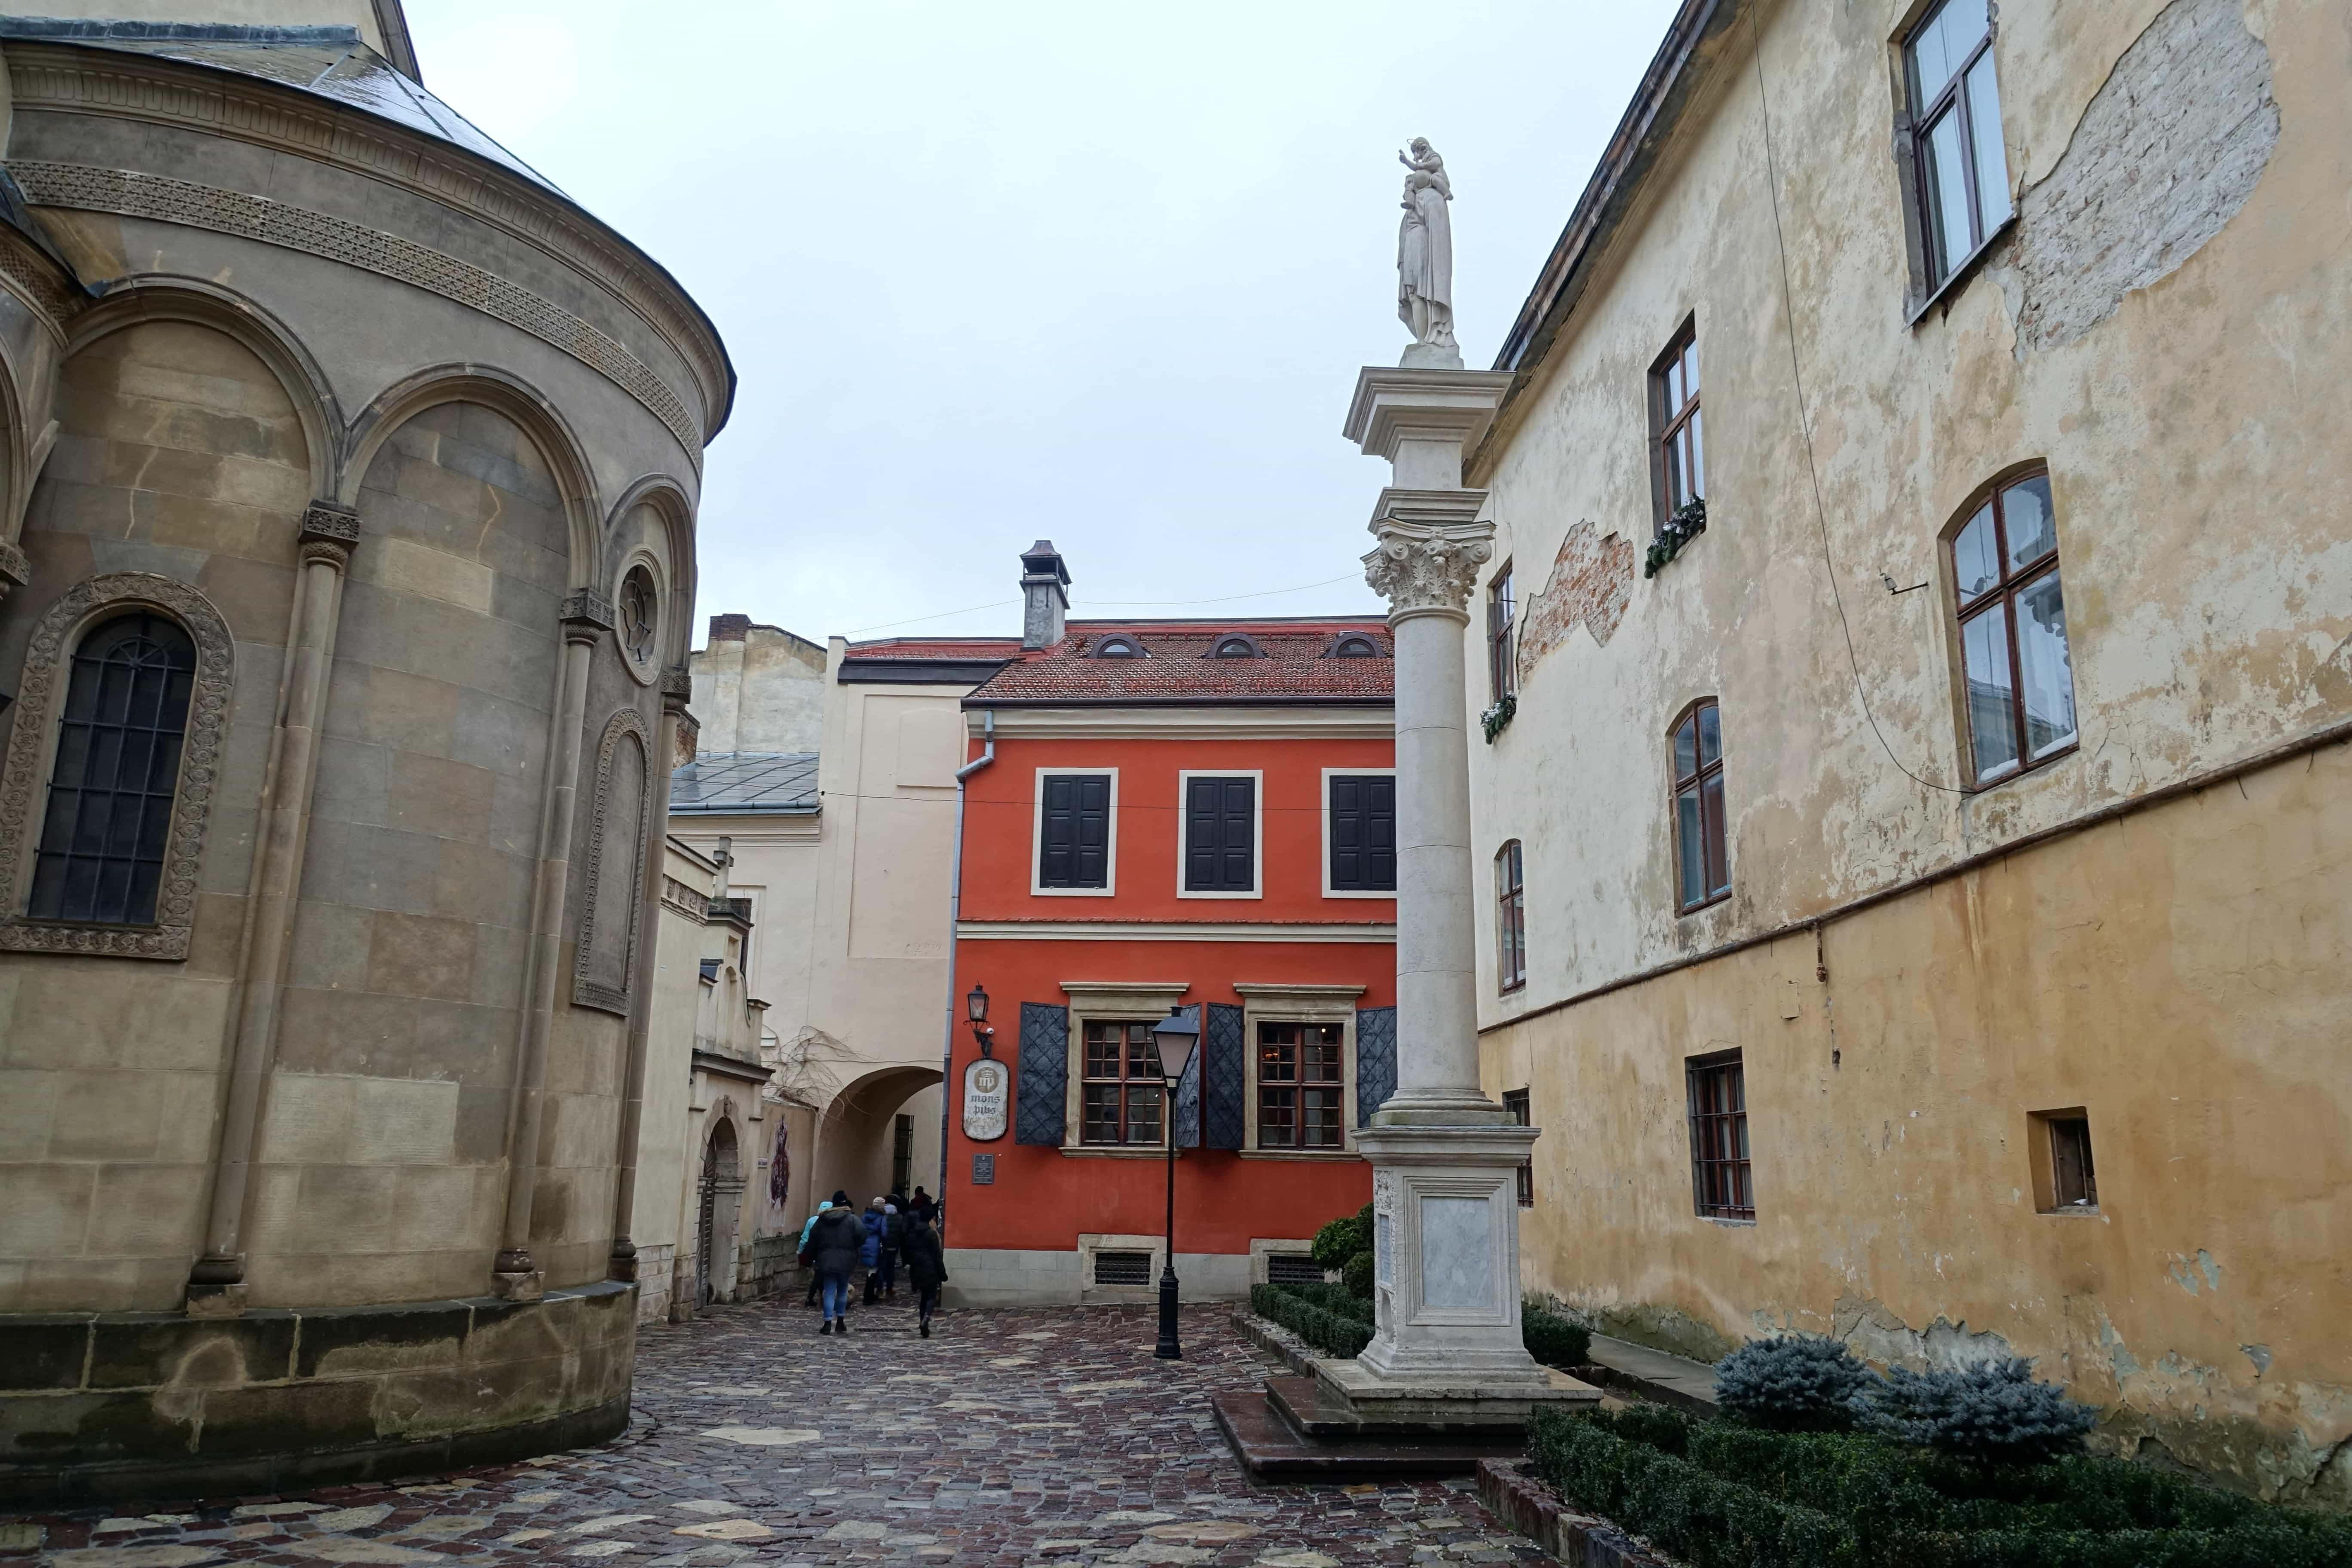 Häuser in Lviv in der Ukraine